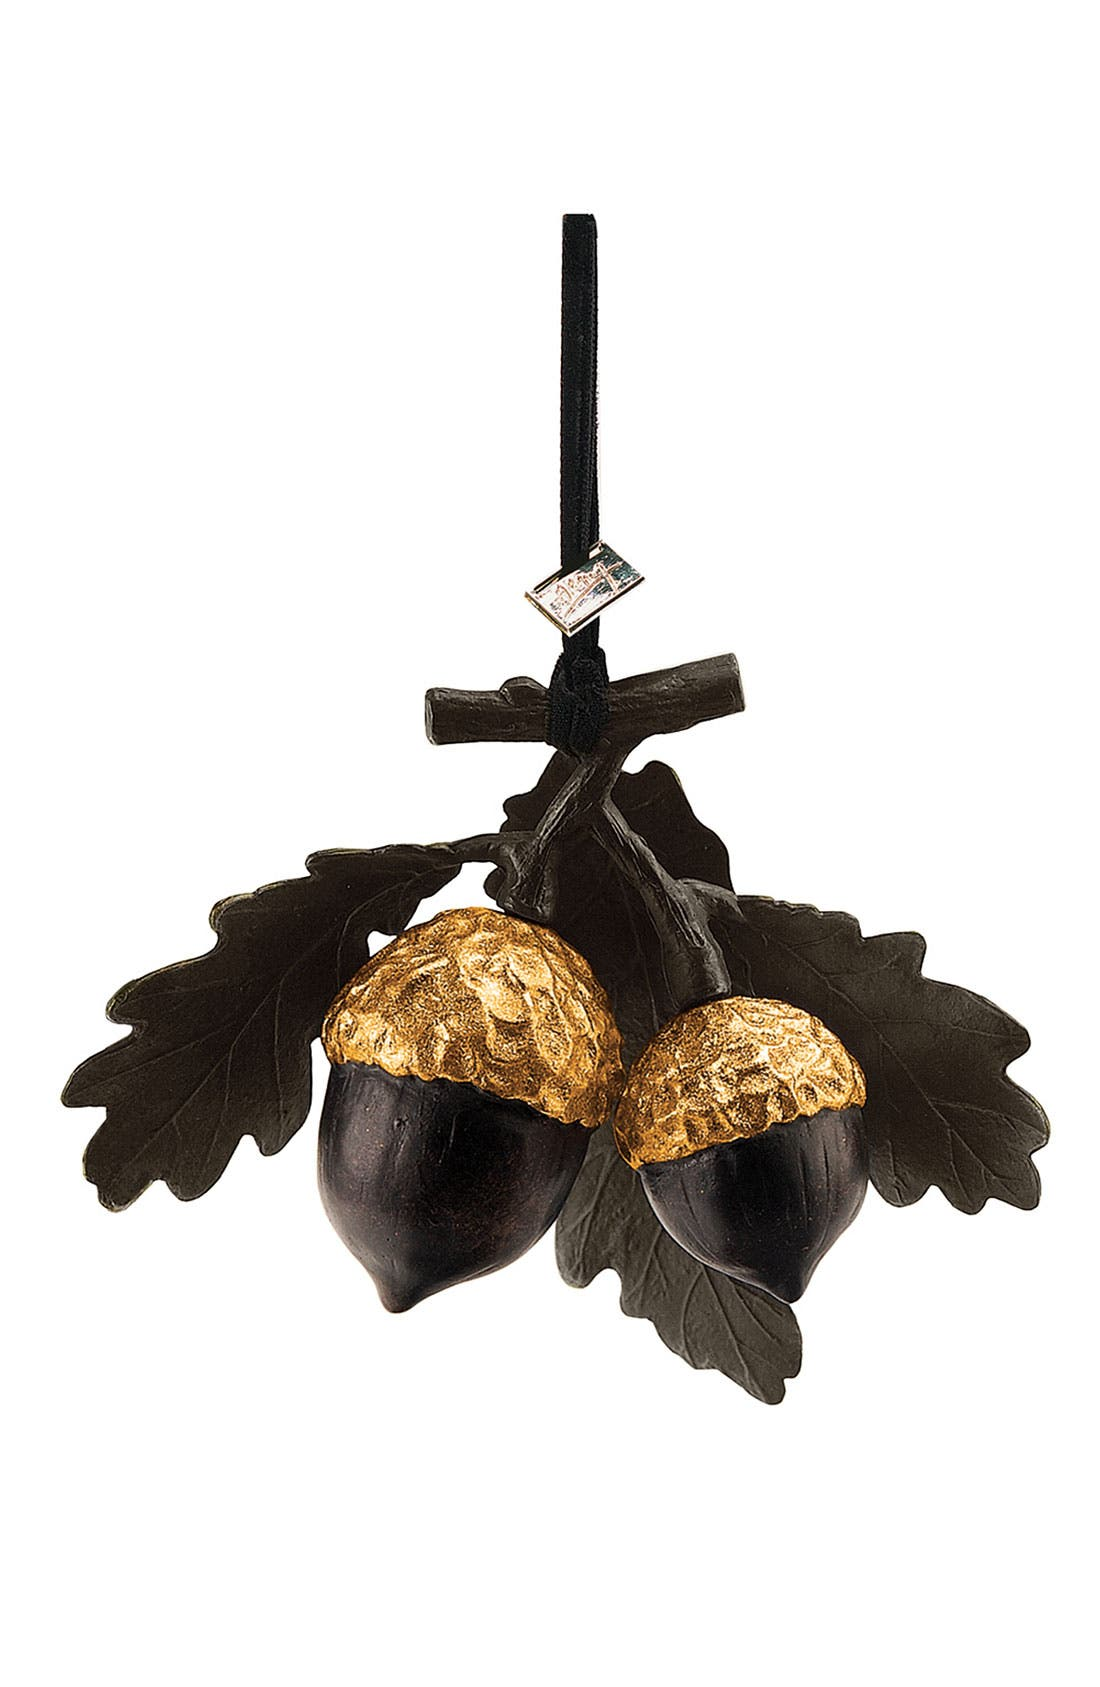 Main Image - Michael Aram Acorn Ornament